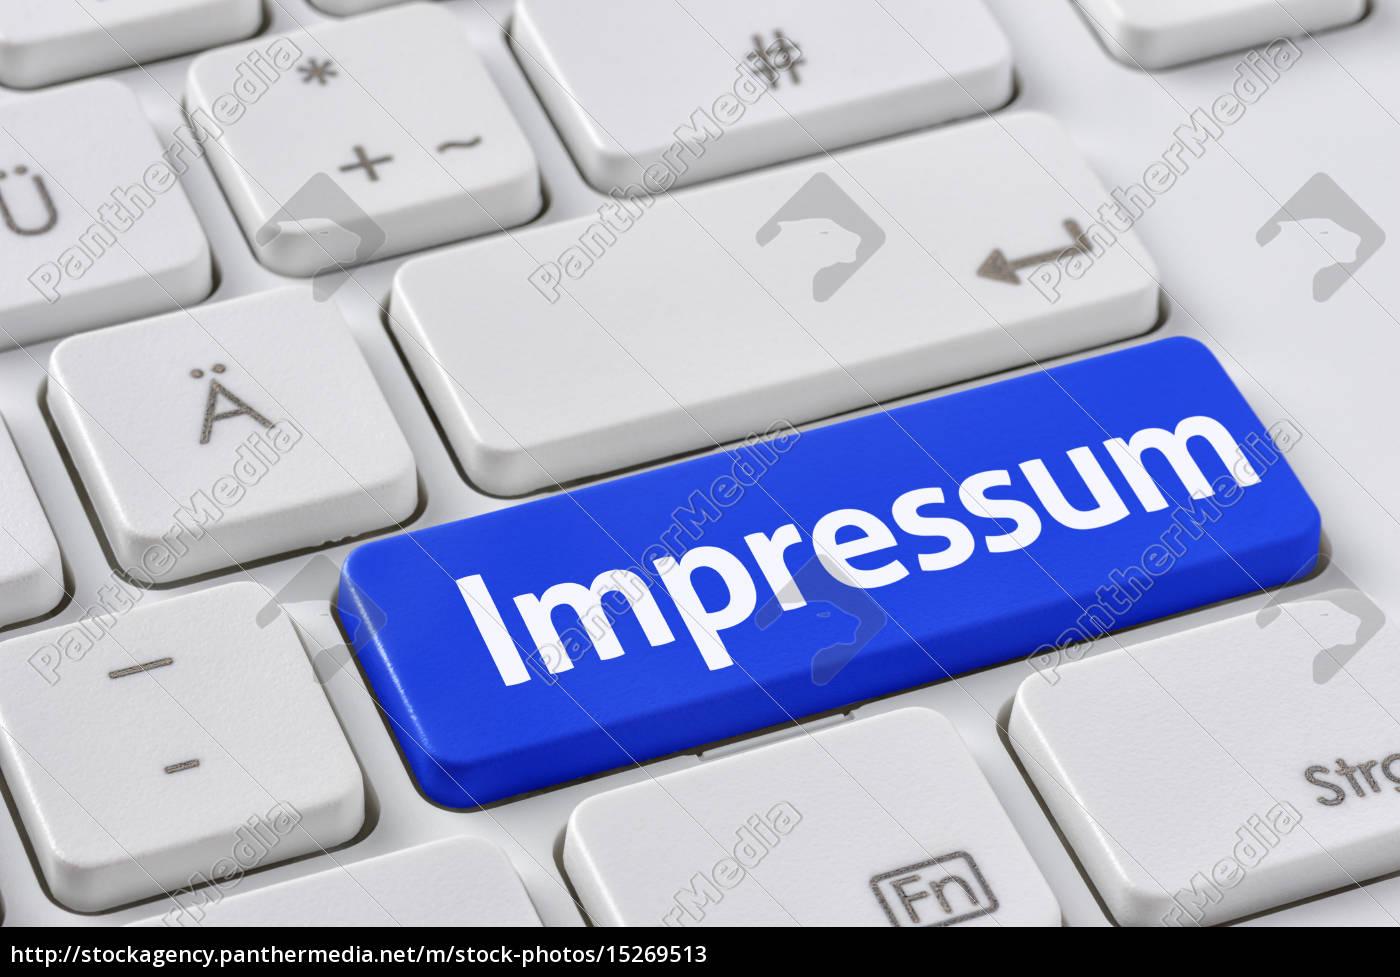 tastatur, mit, farbiger, taste, -, impressum - 15269513